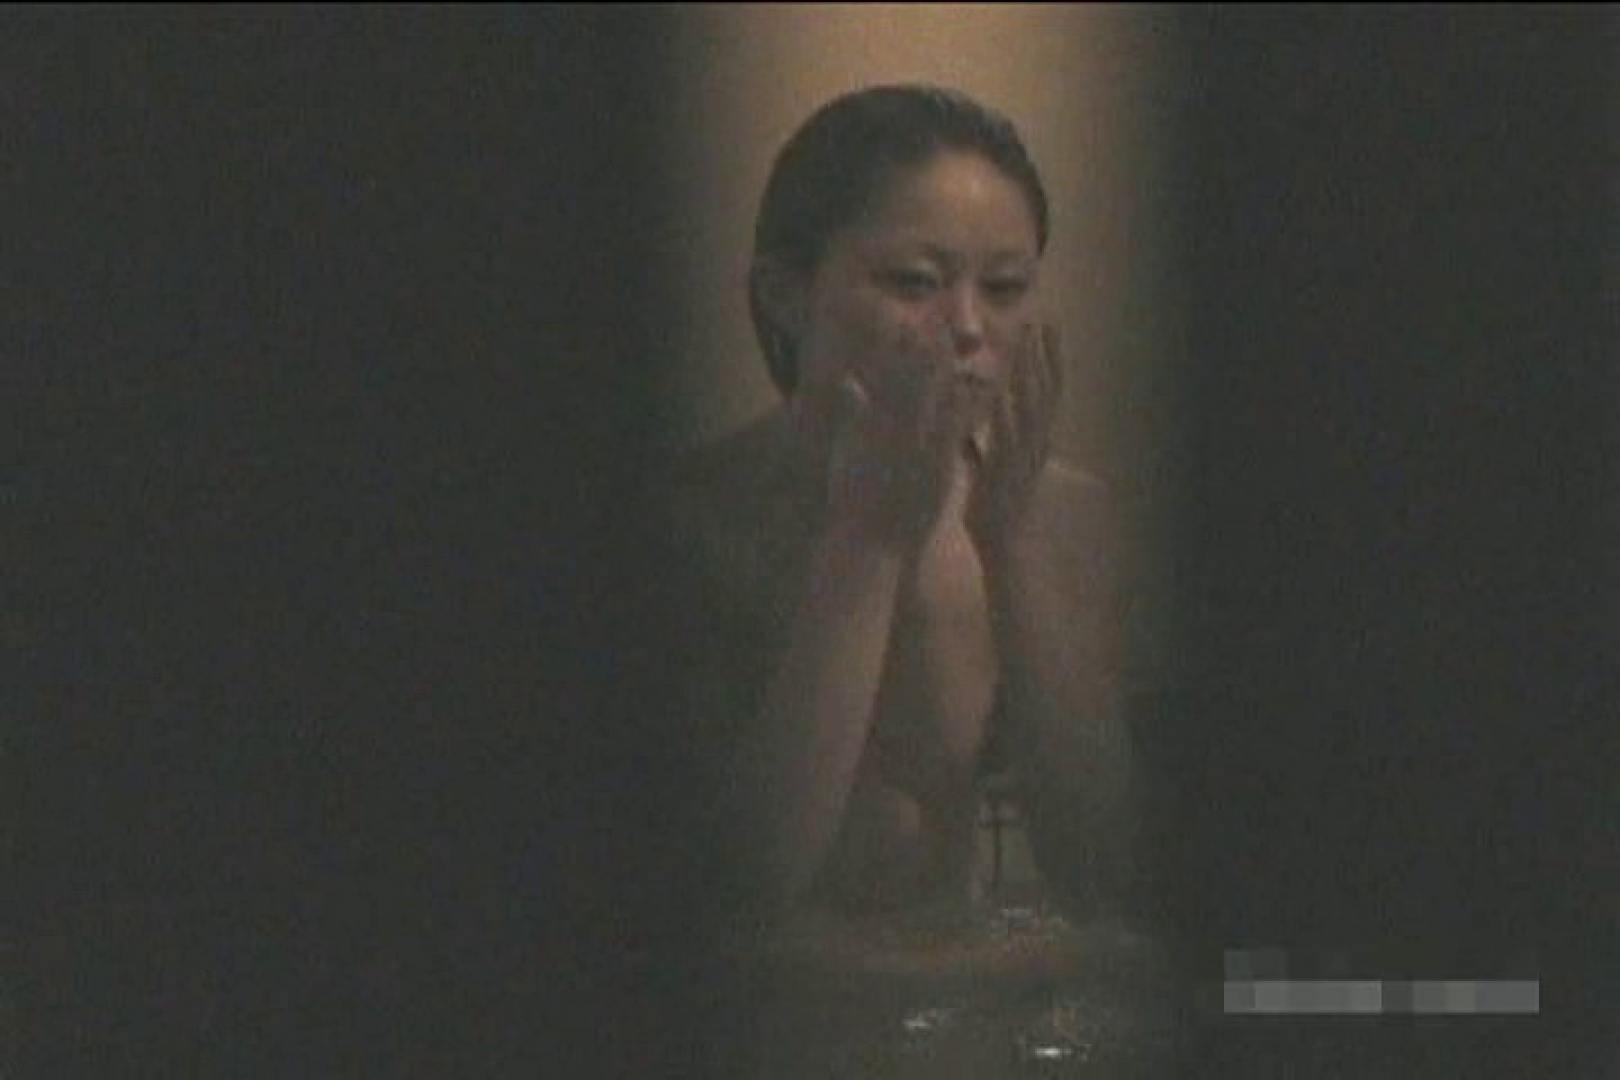 全裸で発情!!家族風呂の実態Vol.1 セックス流出映像 オメコ動画キャプチャ 108連発 68